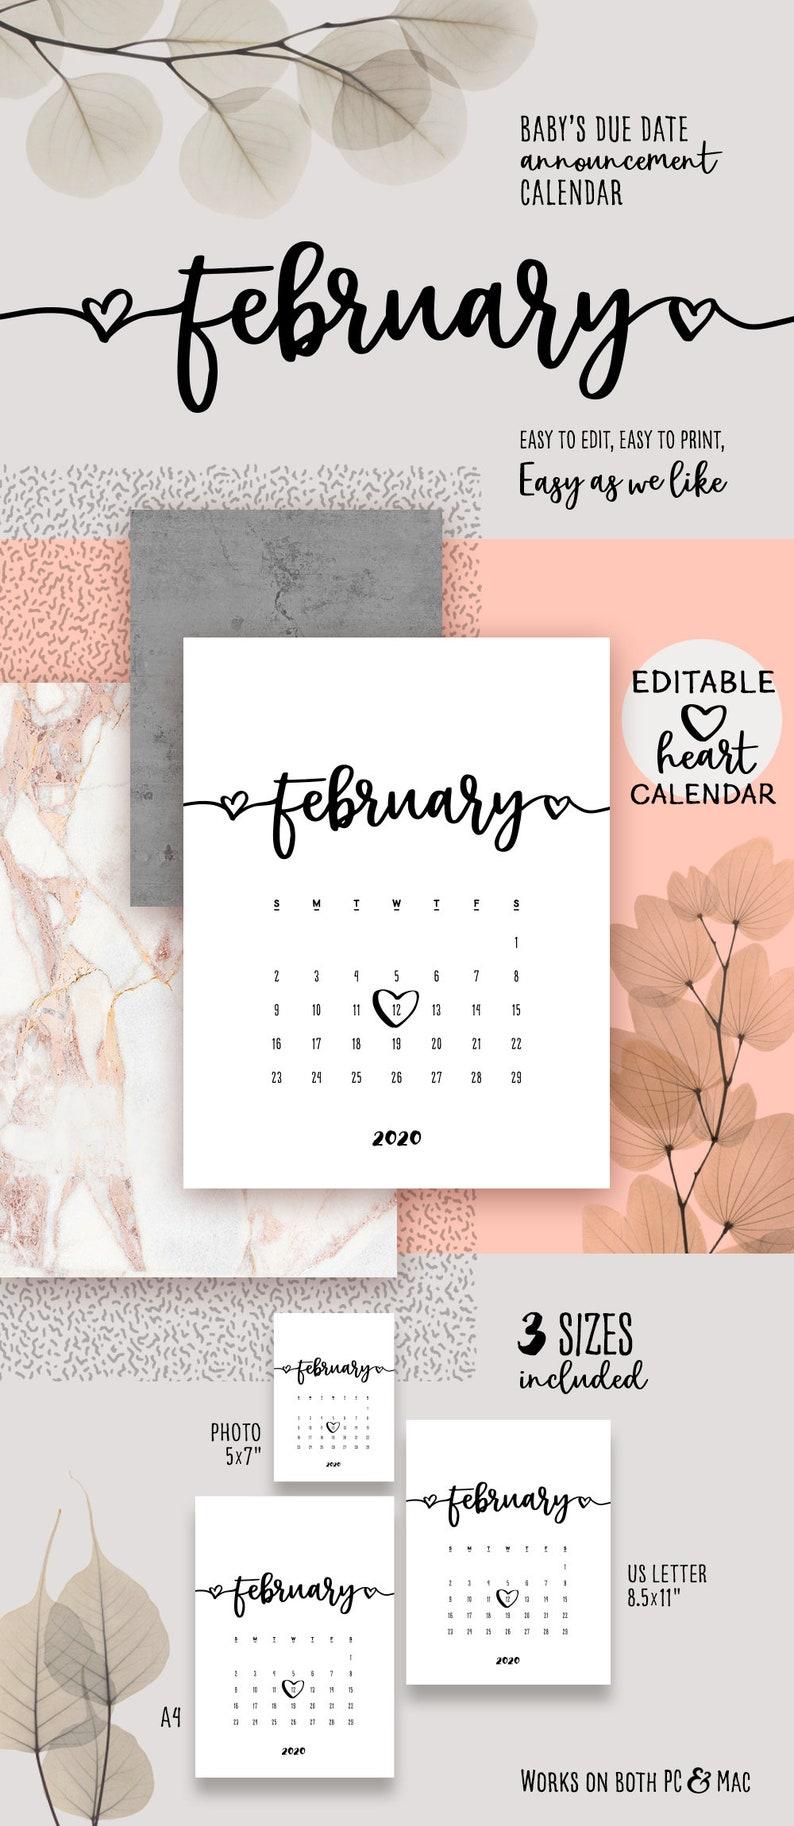 February Monogram Calendar 2020 FEBRUARY 2020 Printable Pregnancy Calendar Lovely Baby Due | Etsy